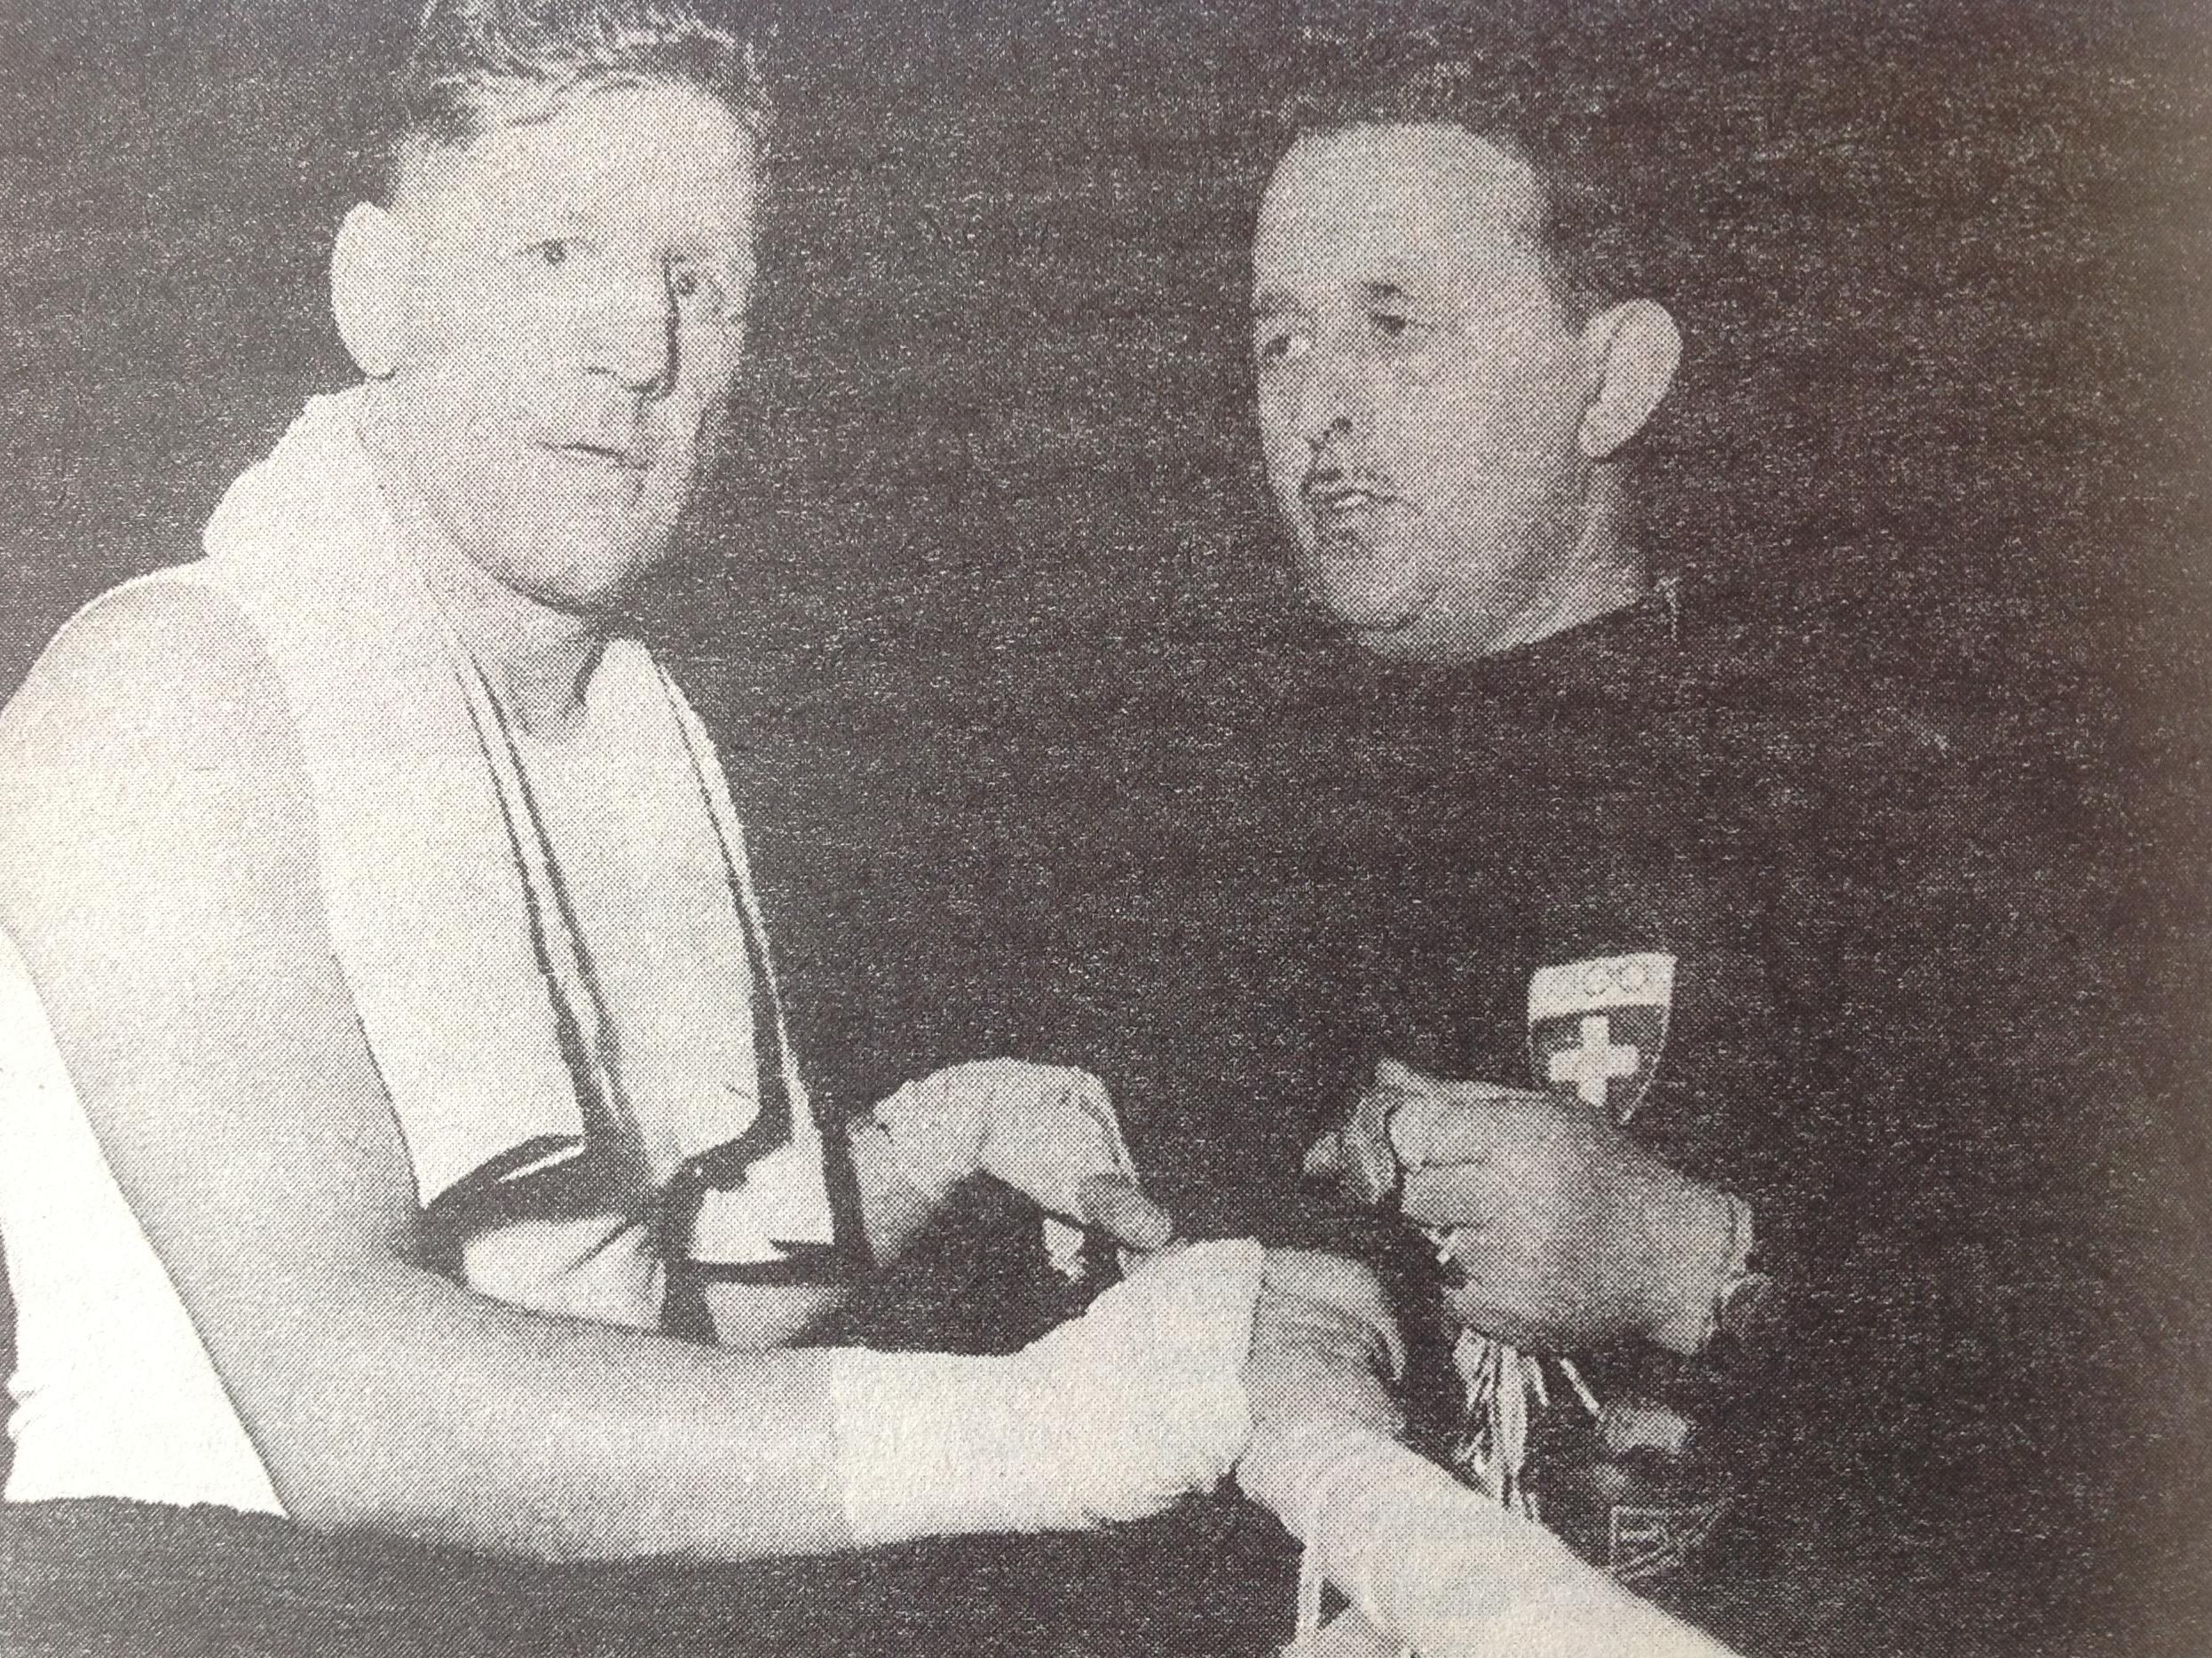 Hans Müller mit der Basler Box-Trainerlegende Hans Gass an den Olympischen Spielen 1948 in London.